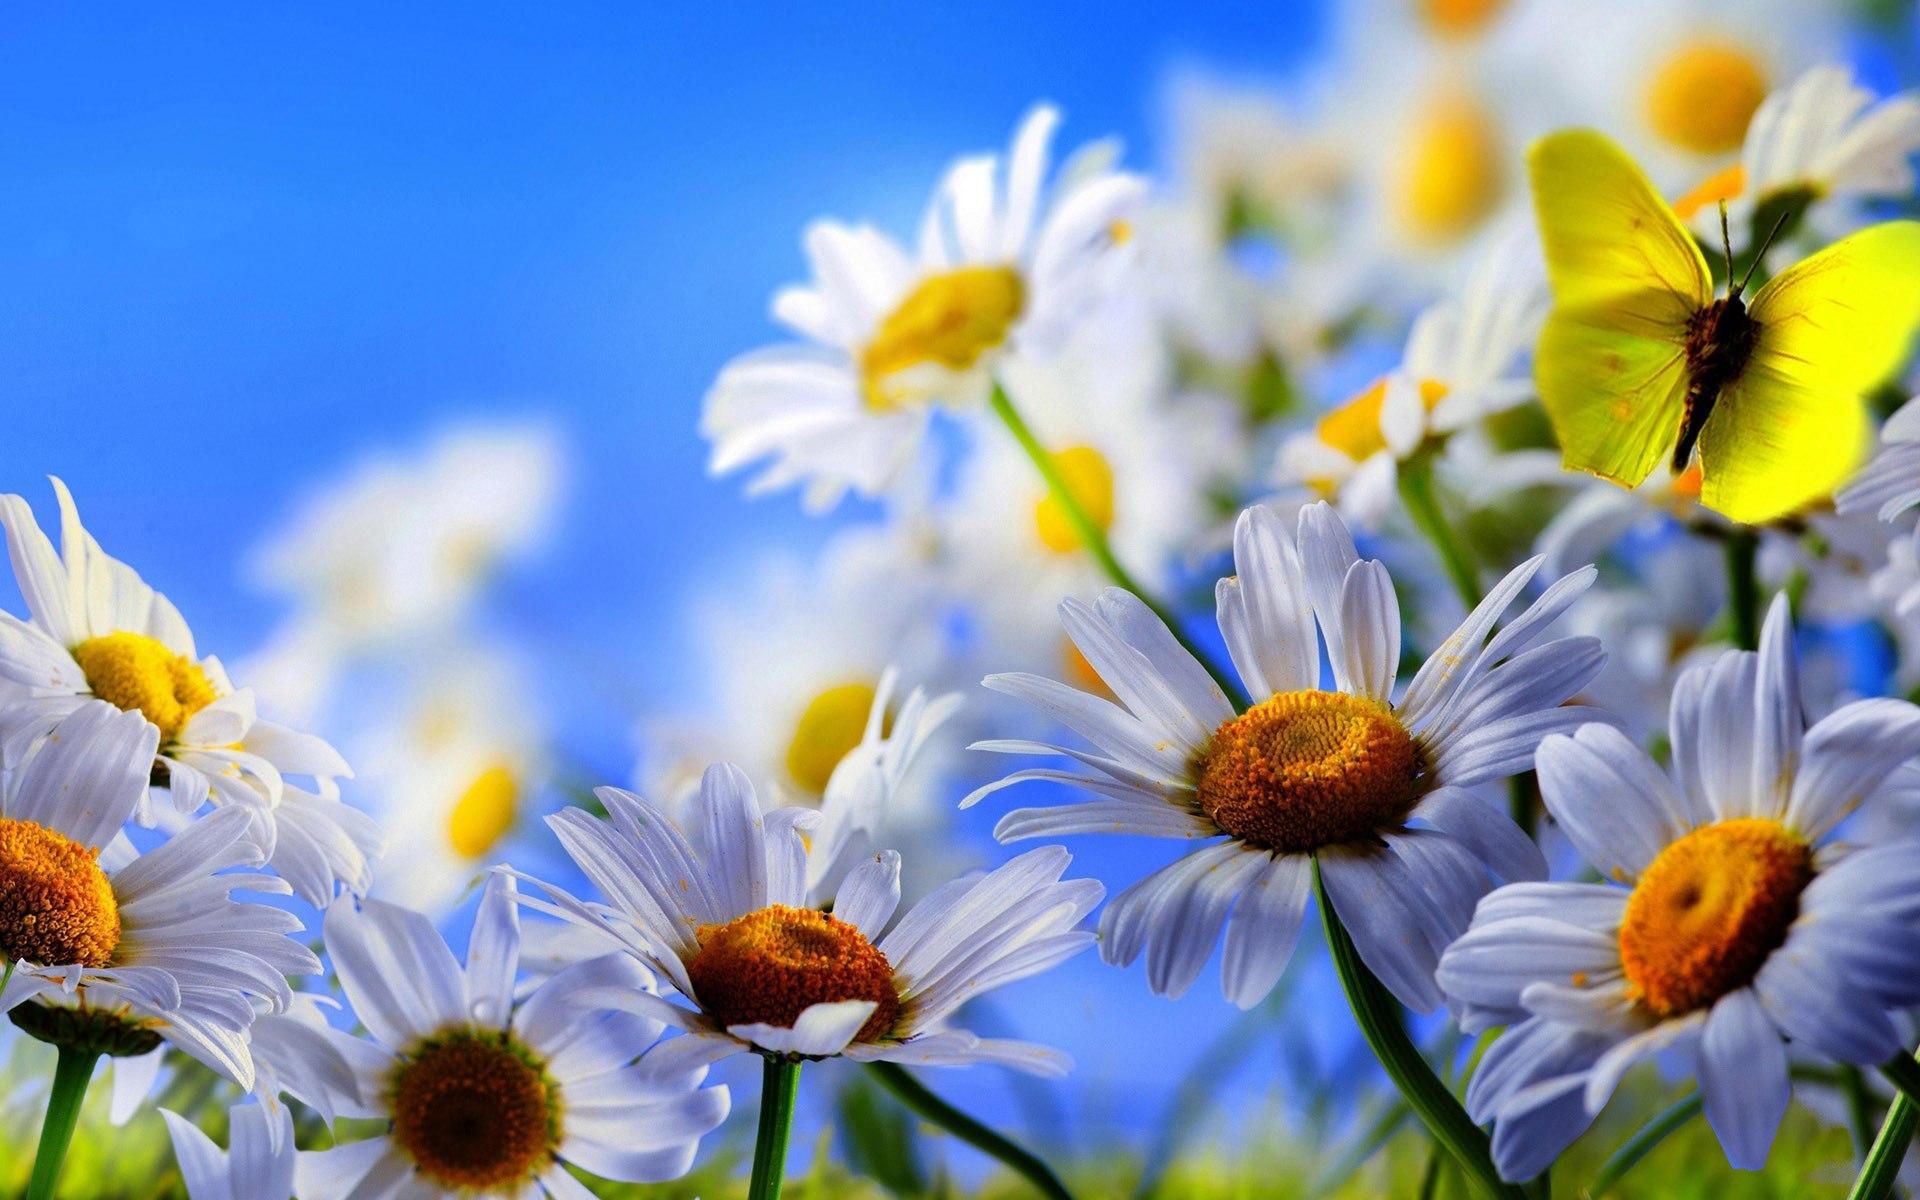 好看的动态花朵图片_好看的电脑桌面壁纸_高清壁纸下载-壁纸图片大全